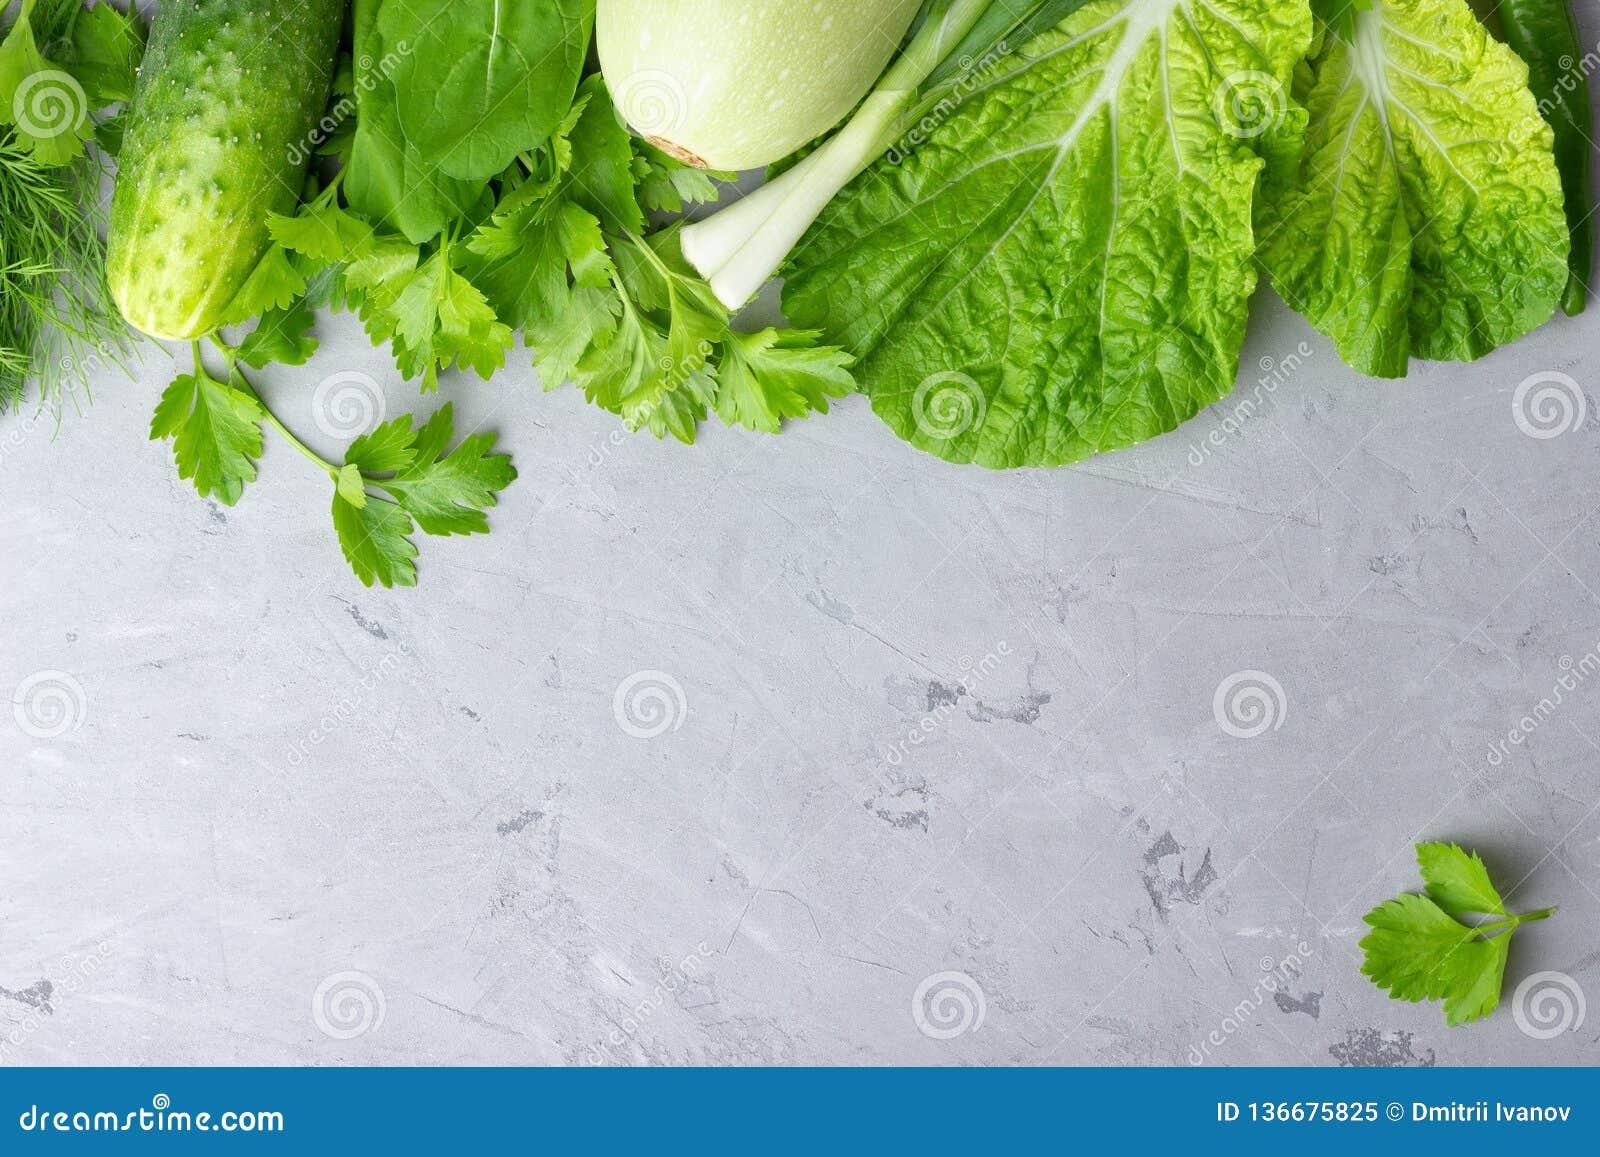 Υπόβαθρο με τα πράσινα λαχανικά, τη σαλάτα, το αγγούρι, το πράσινα κρεμμύδι και τα κολοκύθια στην γκρίζα επιτραπέζια κορυφή πετρώ